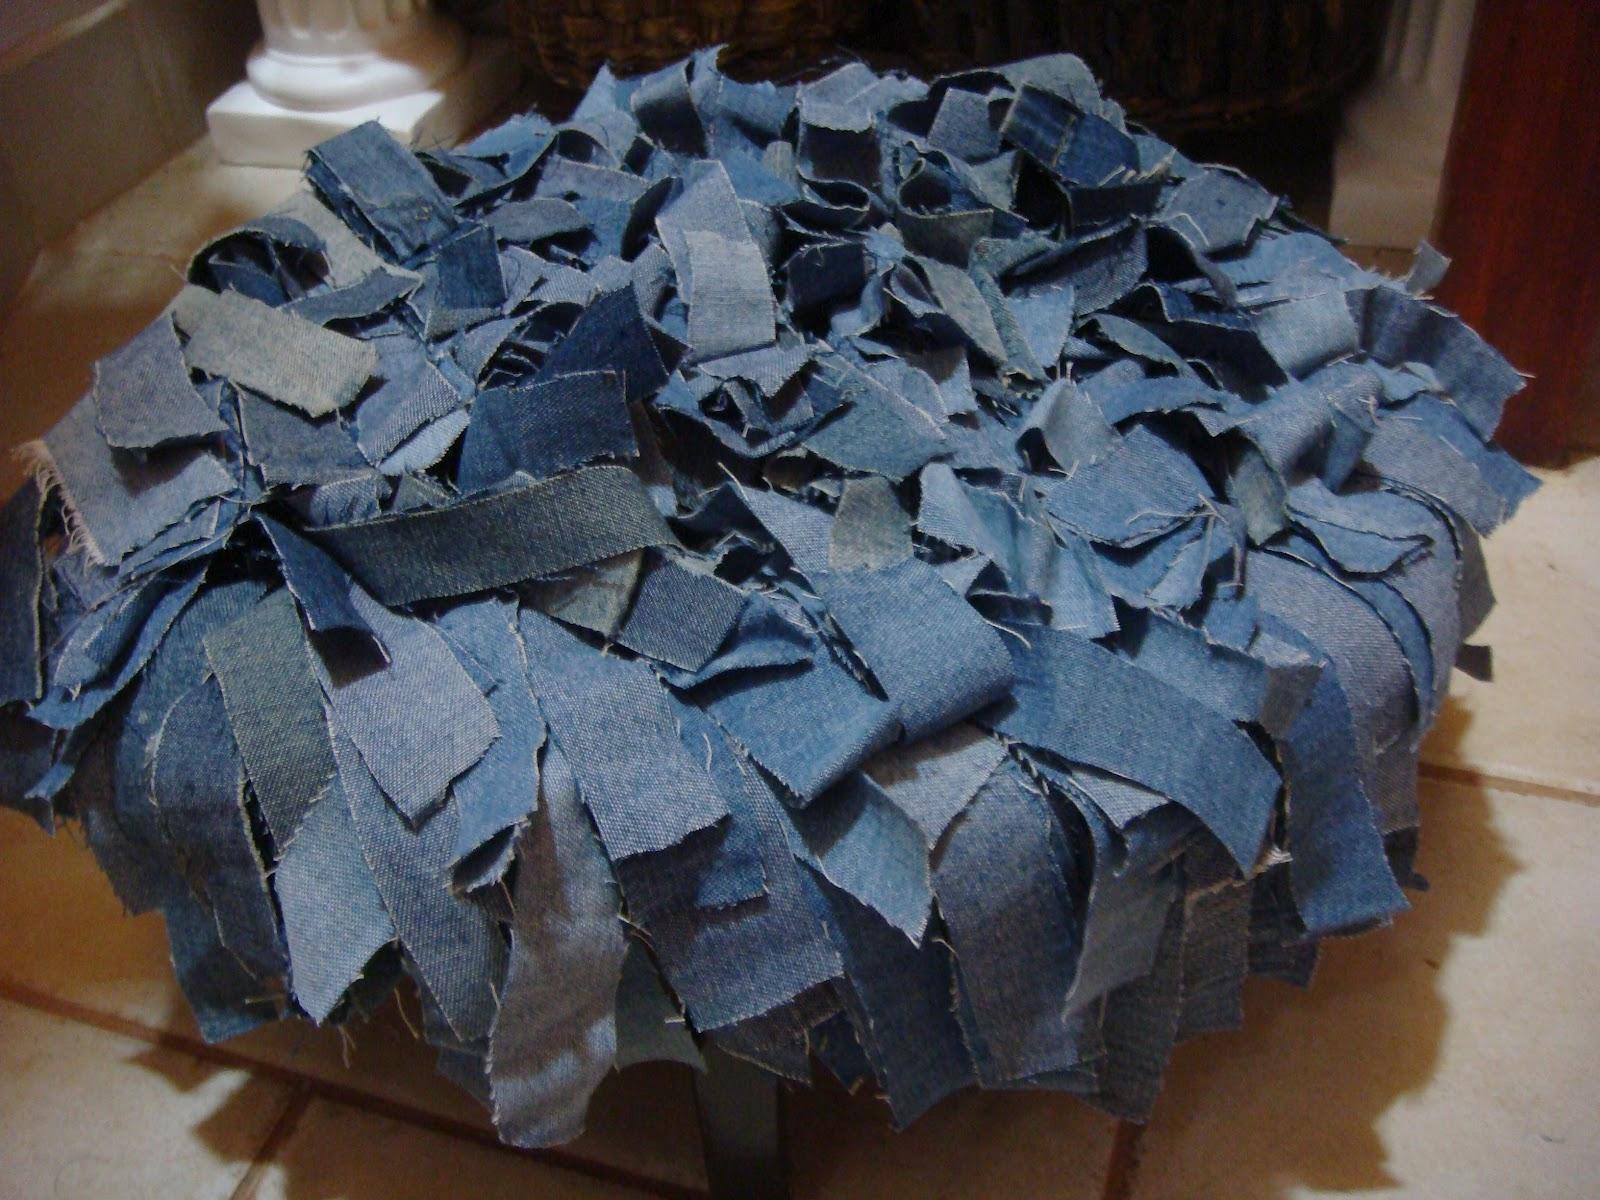 Cositas m as alfombras una nueva etiqueta - Telas para alfombras ...